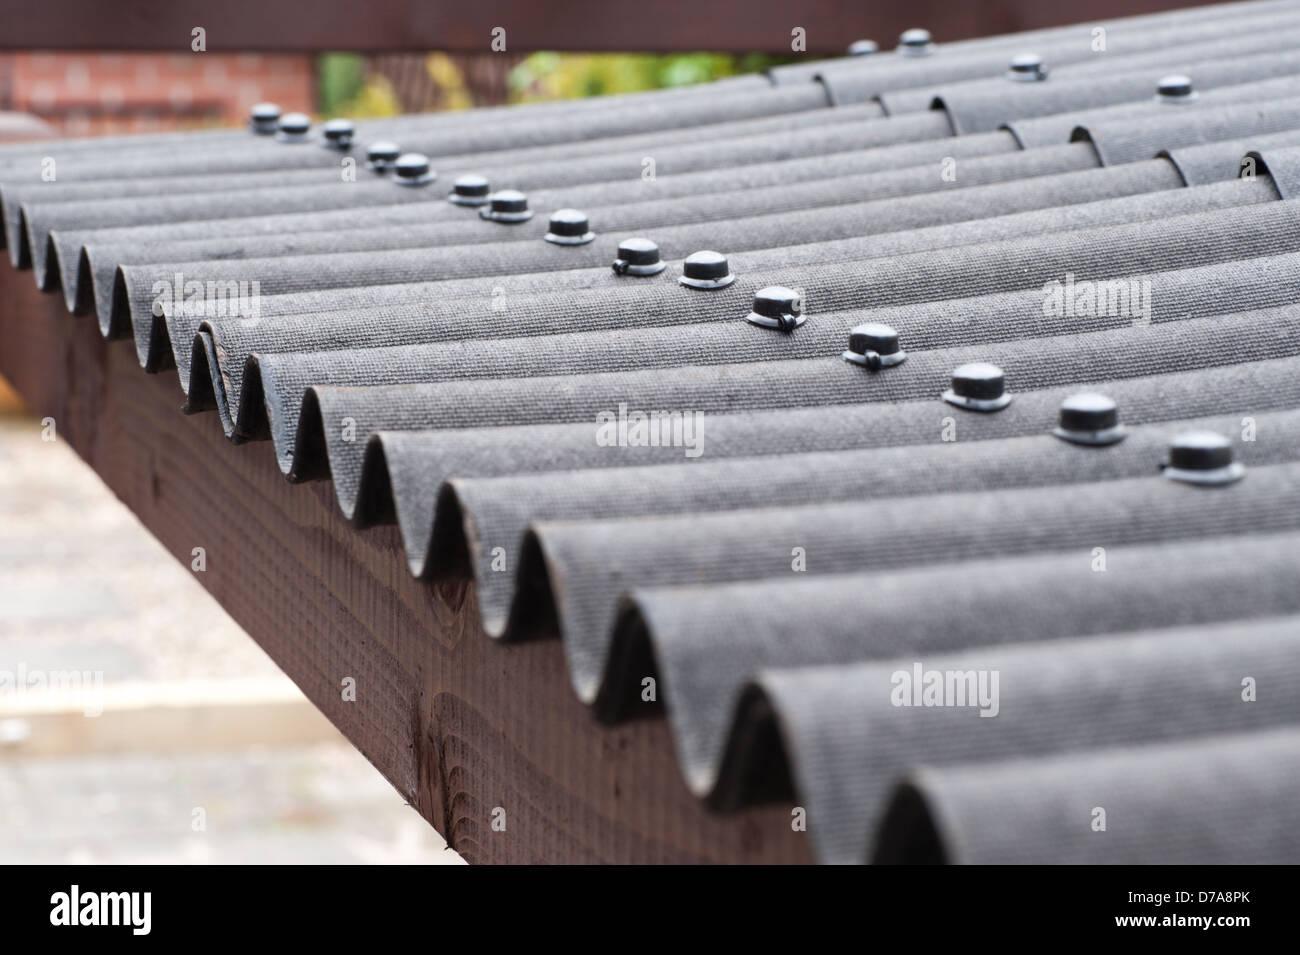 corrugated roofing stockfotos corrugated roofing bilder. Black Bedroom Furniture Sets. Home Design Ideas